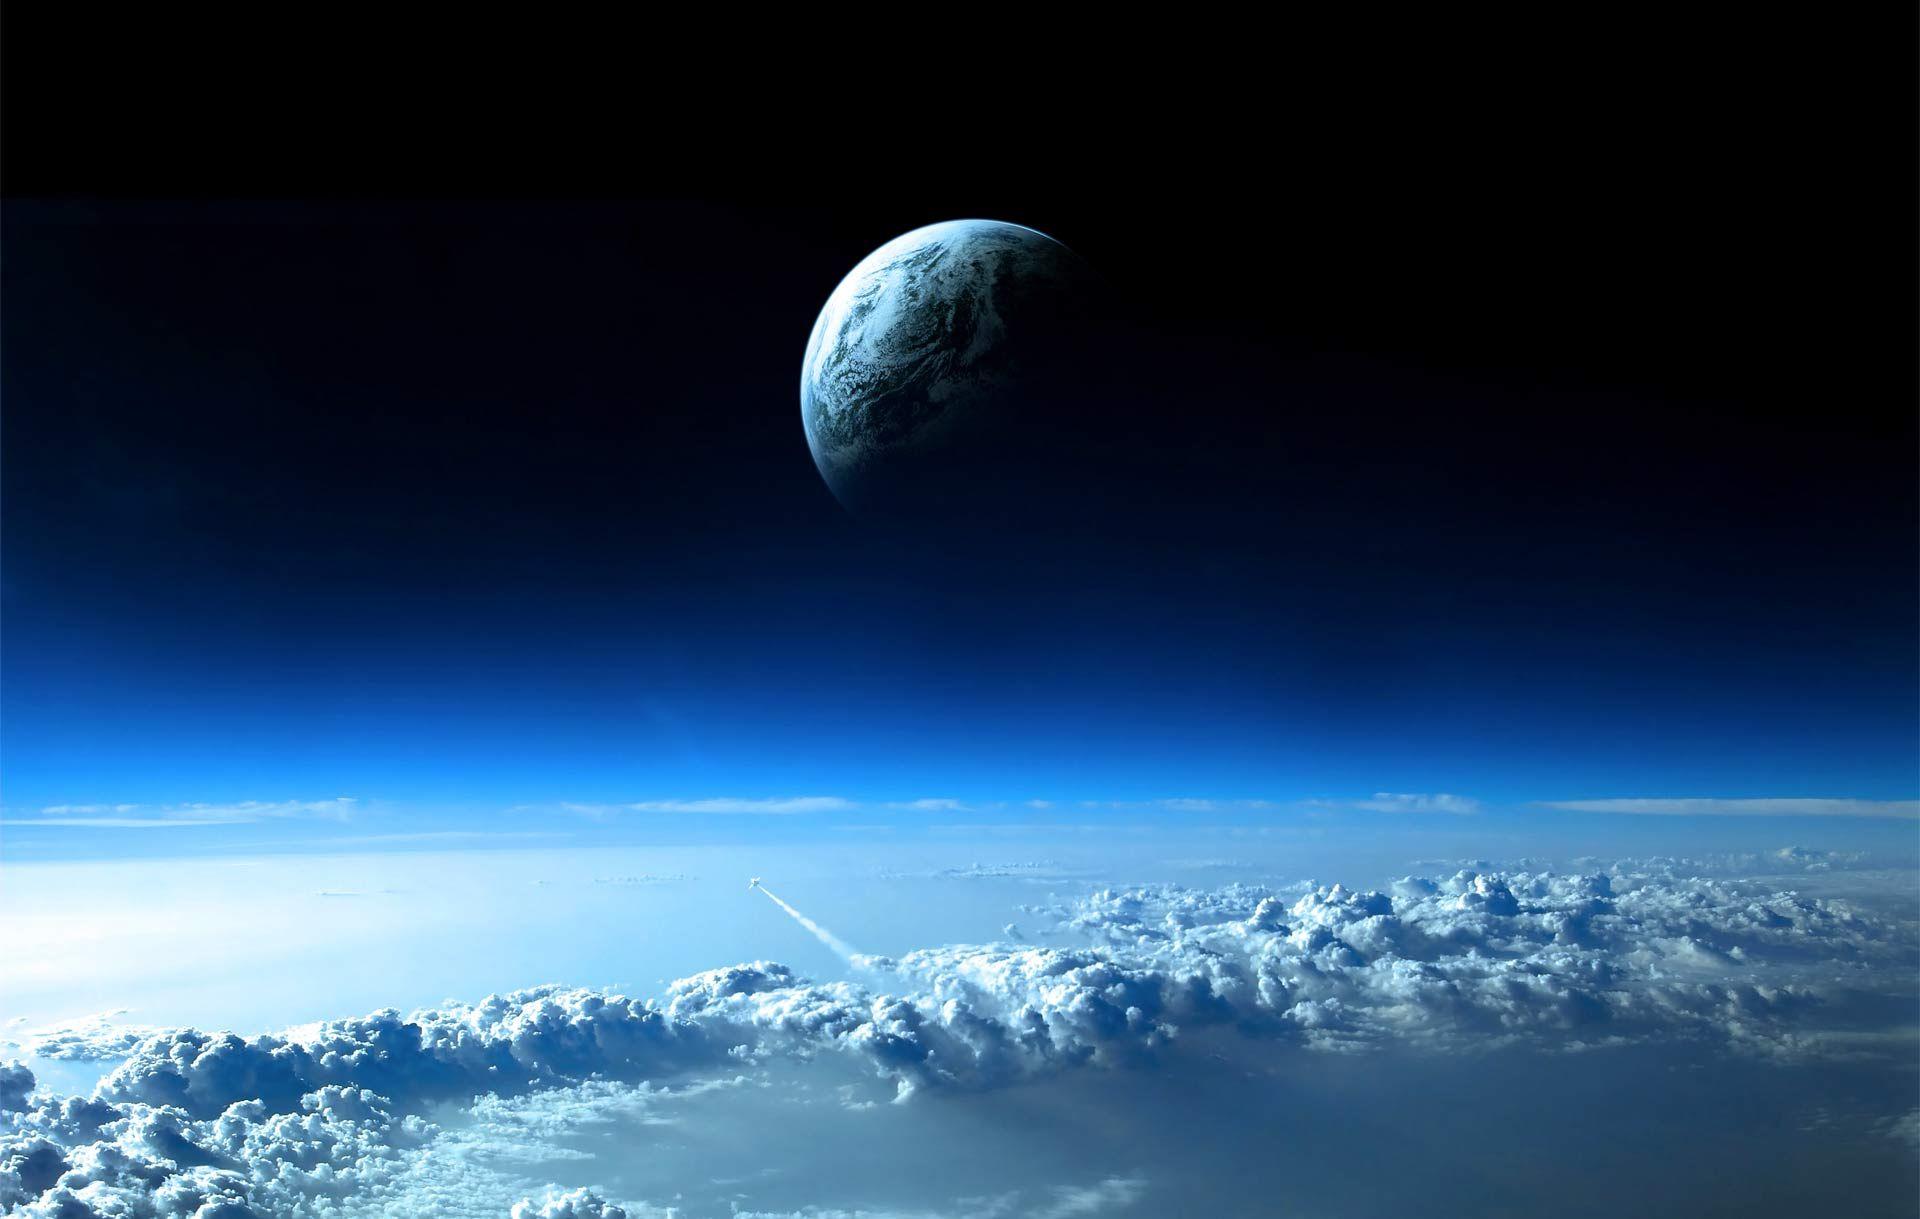 Fondo Pantalla Planeta Tierrafondo Escritorio Planeta Tierra